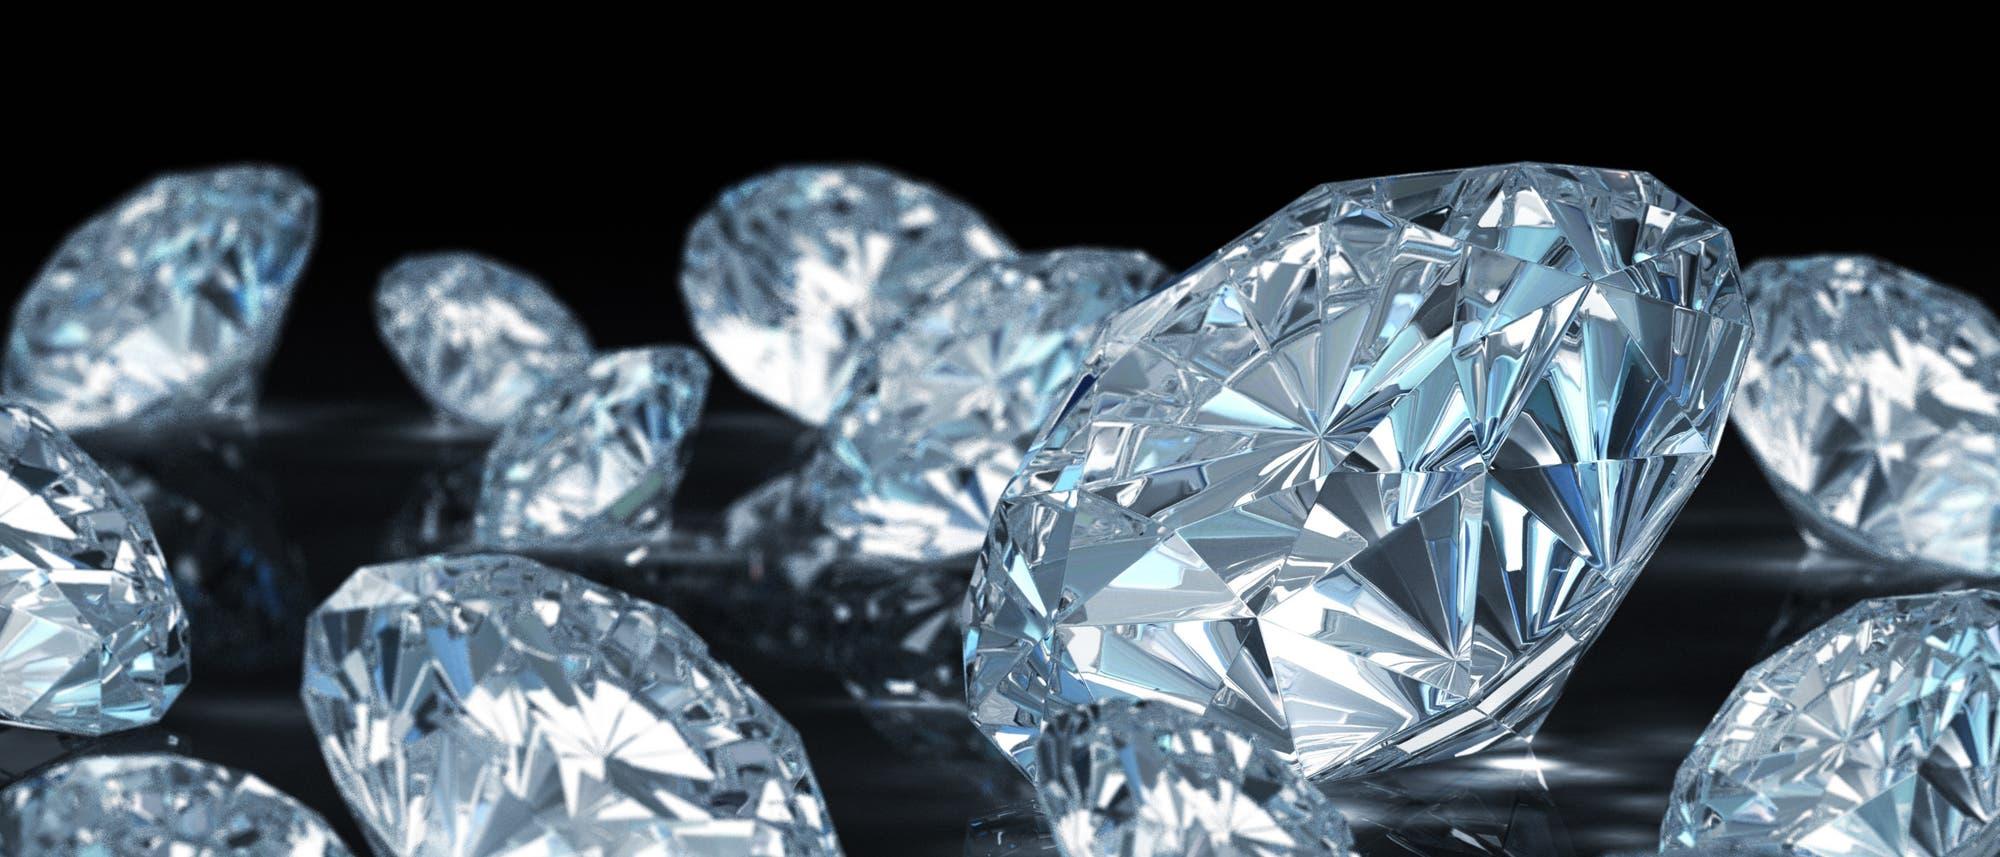 Ein Diamant entsteht meist durch Druck im Erdmantel, der Schicht zwischen Erdkruste und Erdkern.